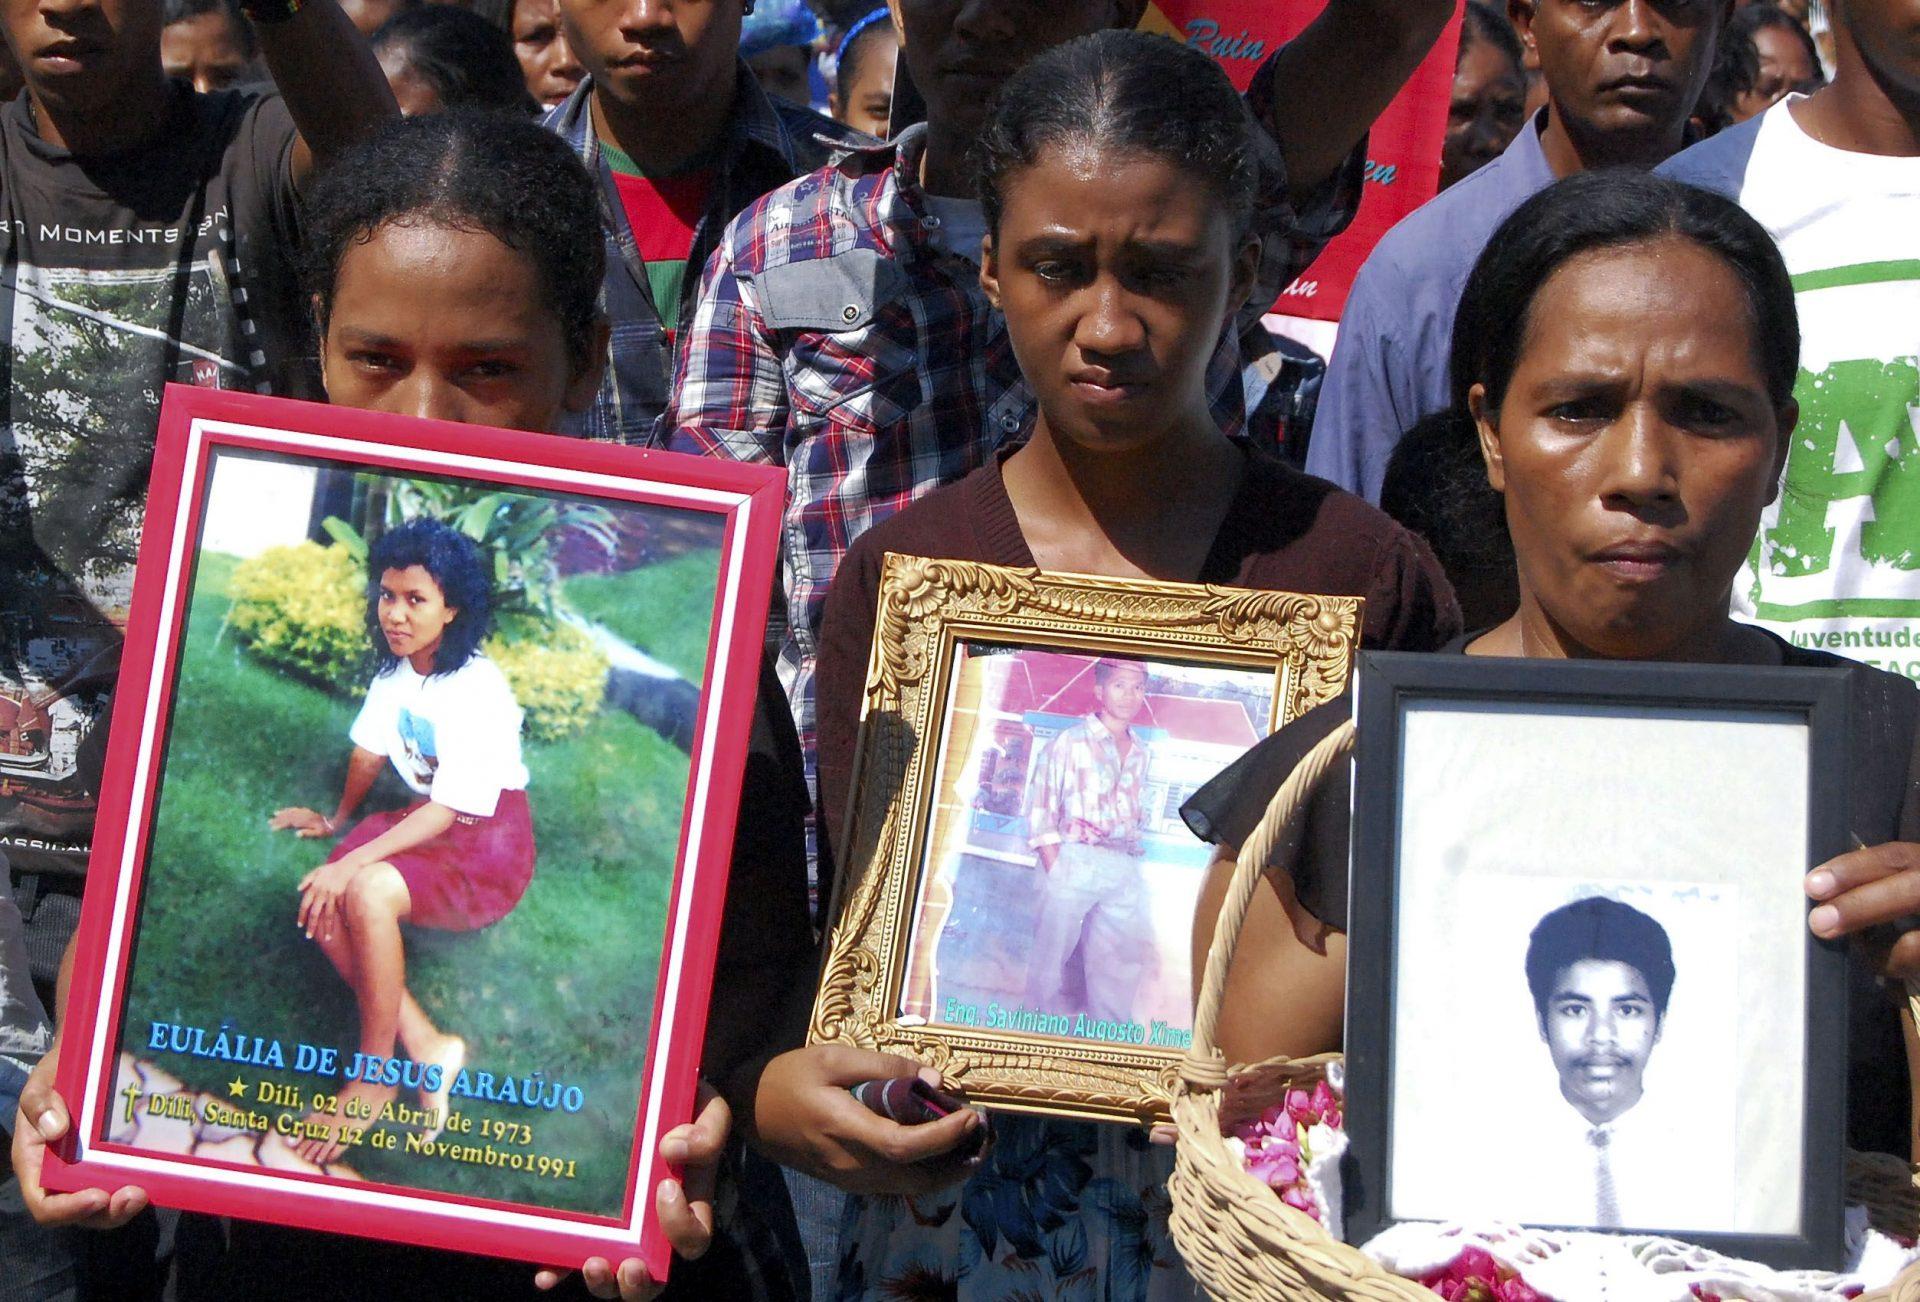 Timorenses seguram fotografias de vitimas do massacre de Santa Cruz, 12 novembro 2011, em Dili.Milhares de pessoas marcharam hoje entre a igreja de Motael e o cemitério de Santa Cruz em Díli para assinalar o vigésimo aniversário do massacre perpetrado por militares indonésios contra timorenses, provocando centenas de mortos e feridos. ANTONIO AMARAL/LUSA